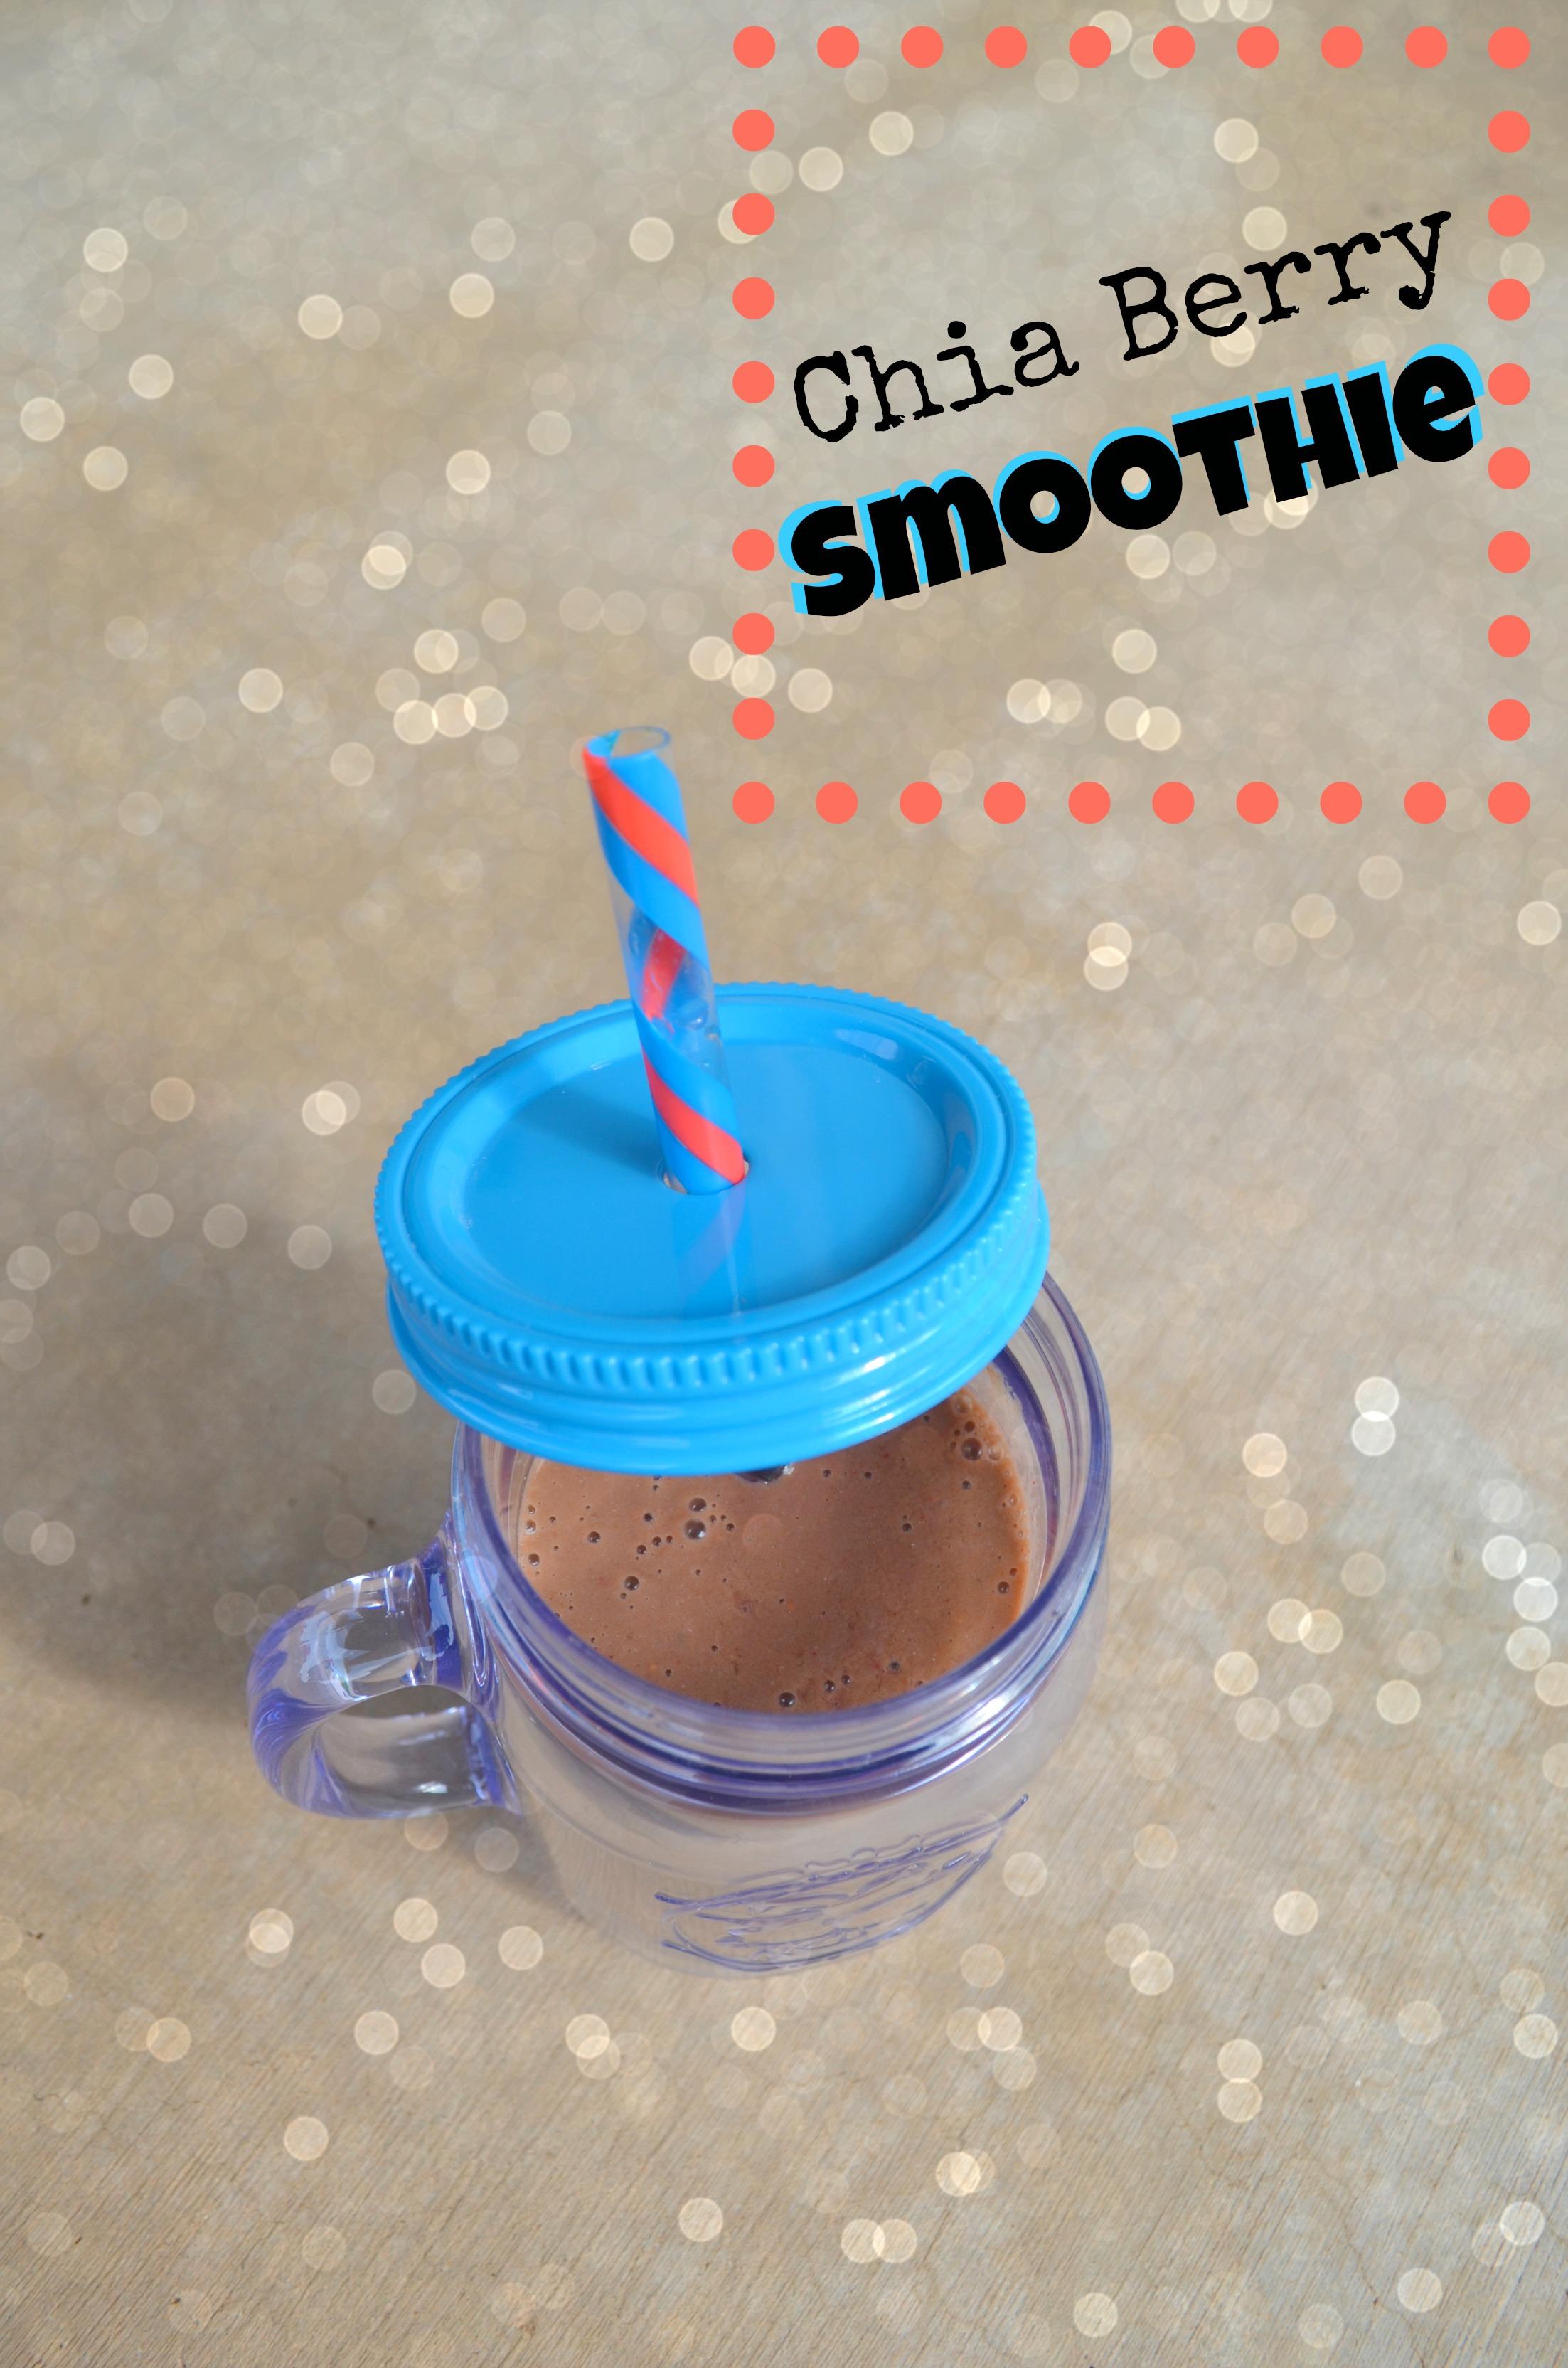 chia berry smoothie